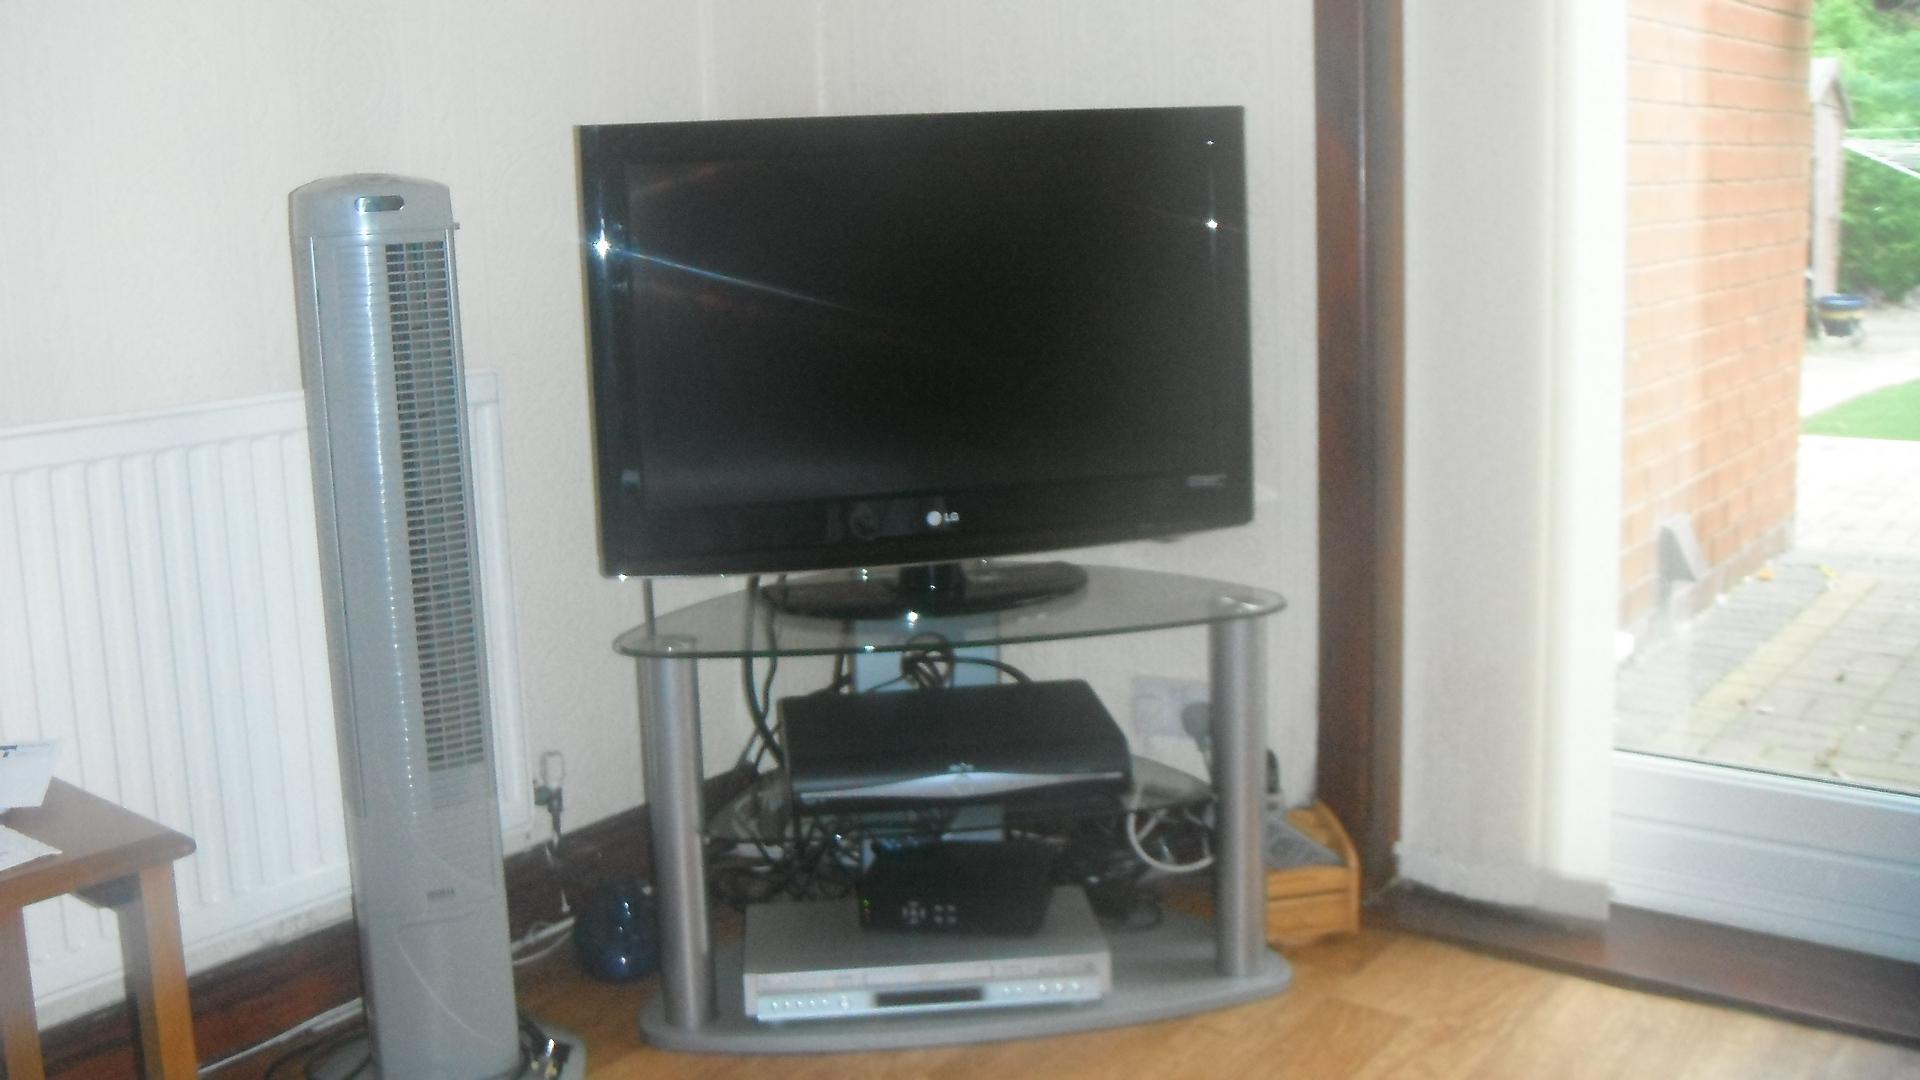 Photo taken by me – my TV set